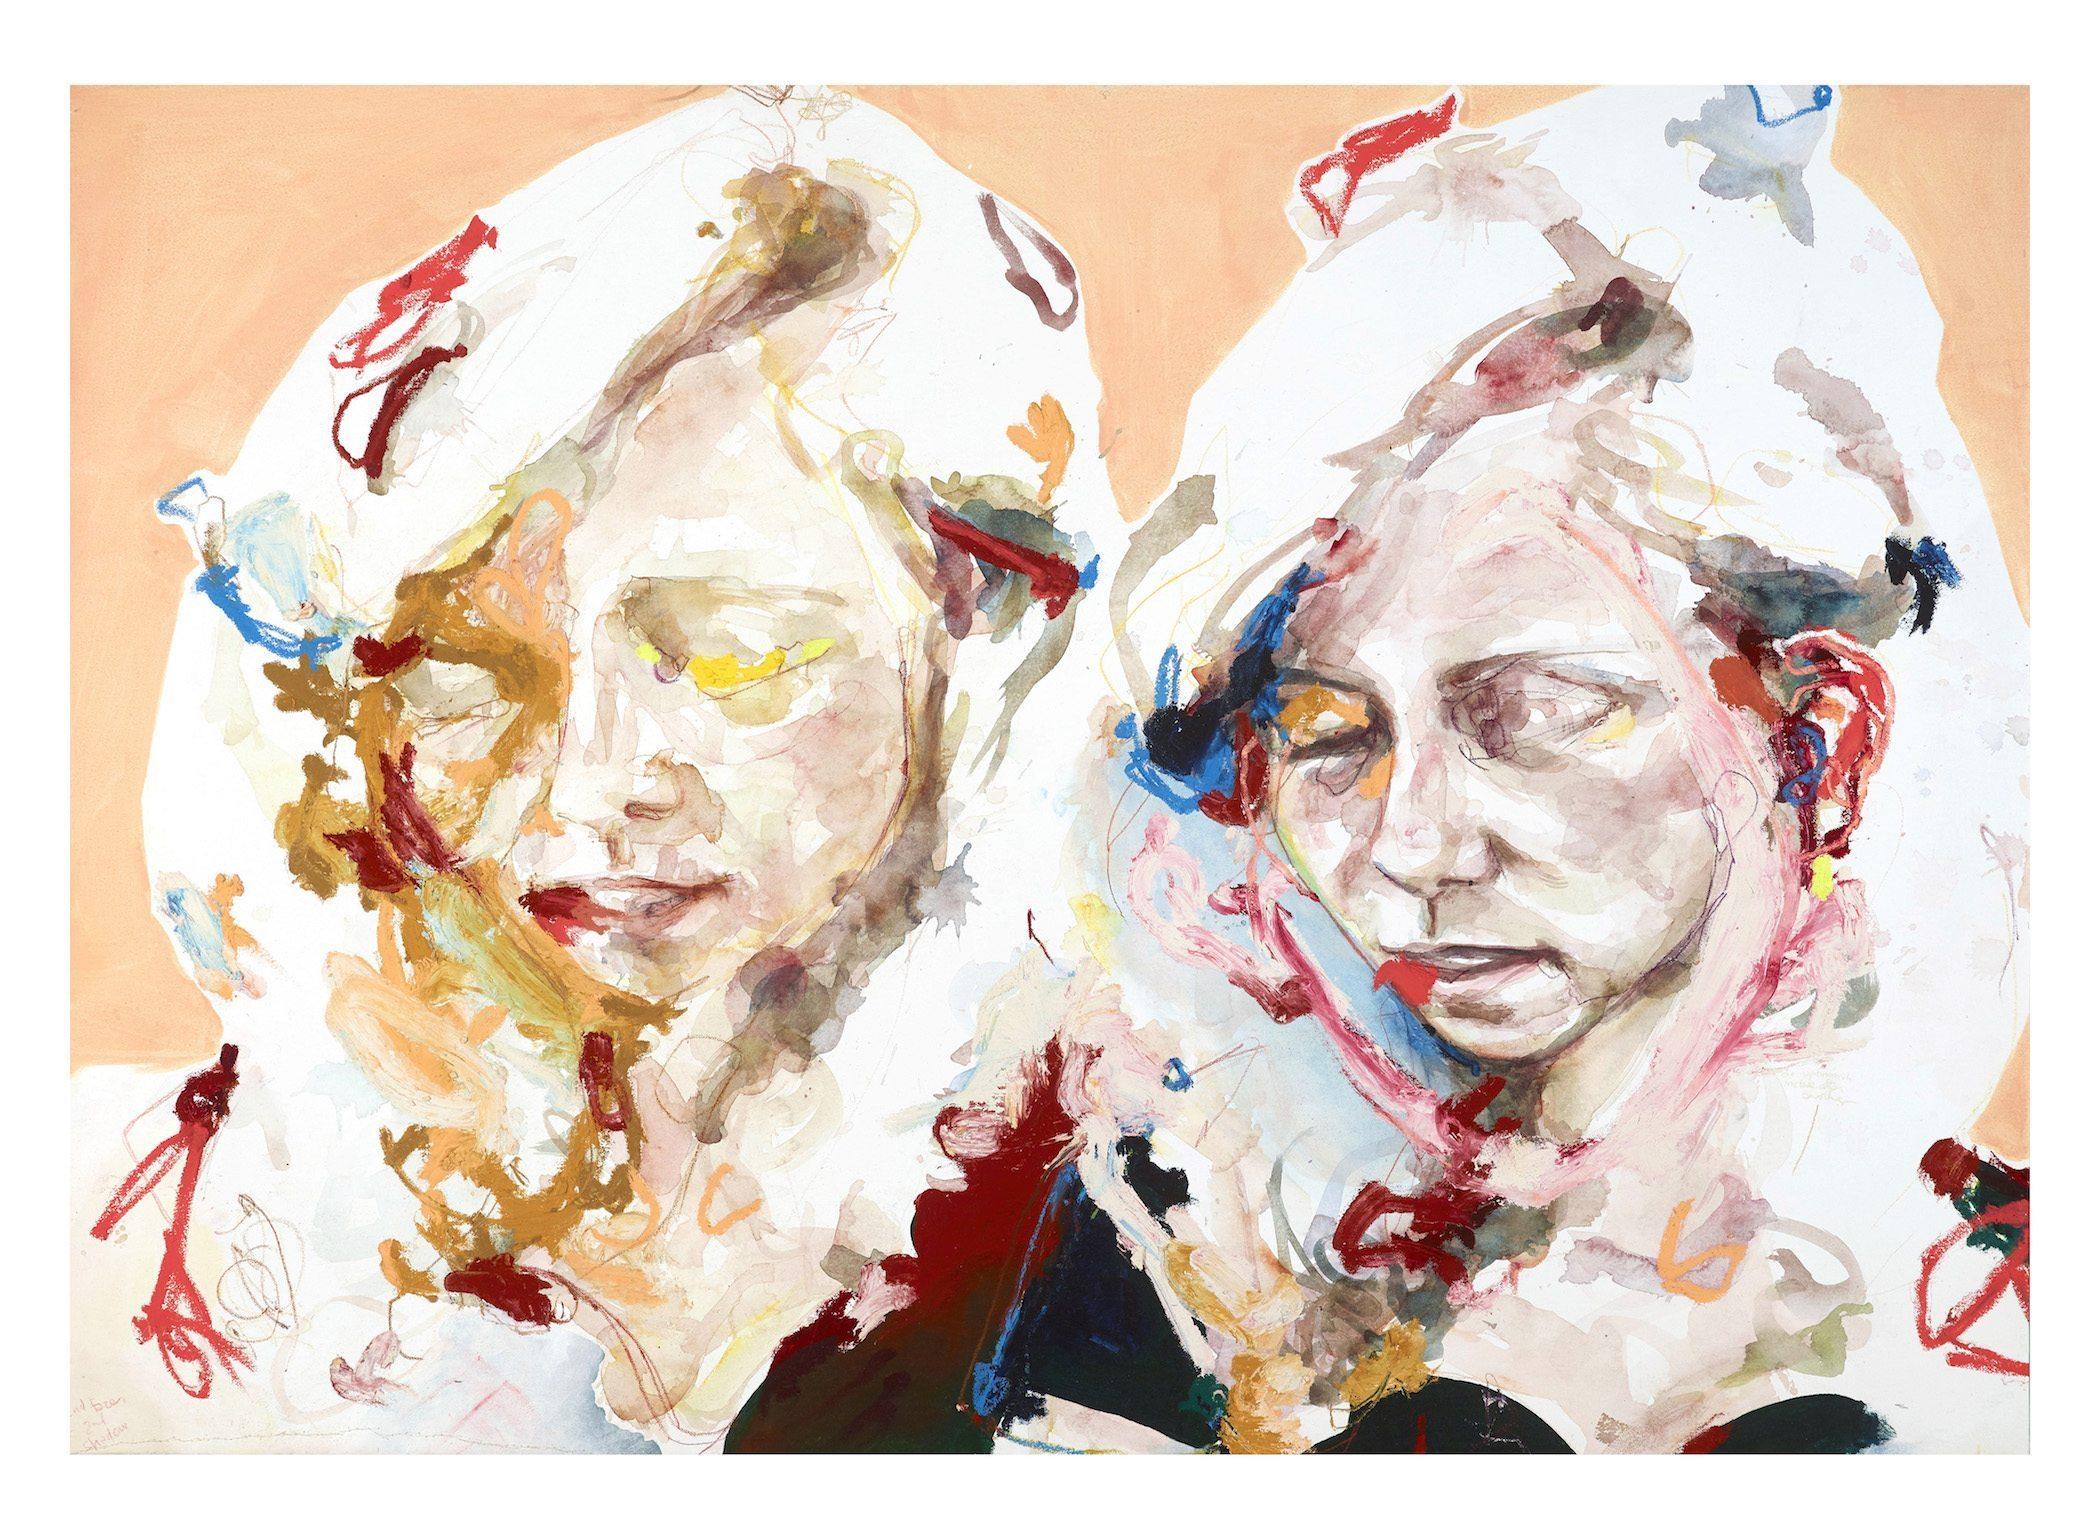 Image: Melanie Norris' portrait: Monsters